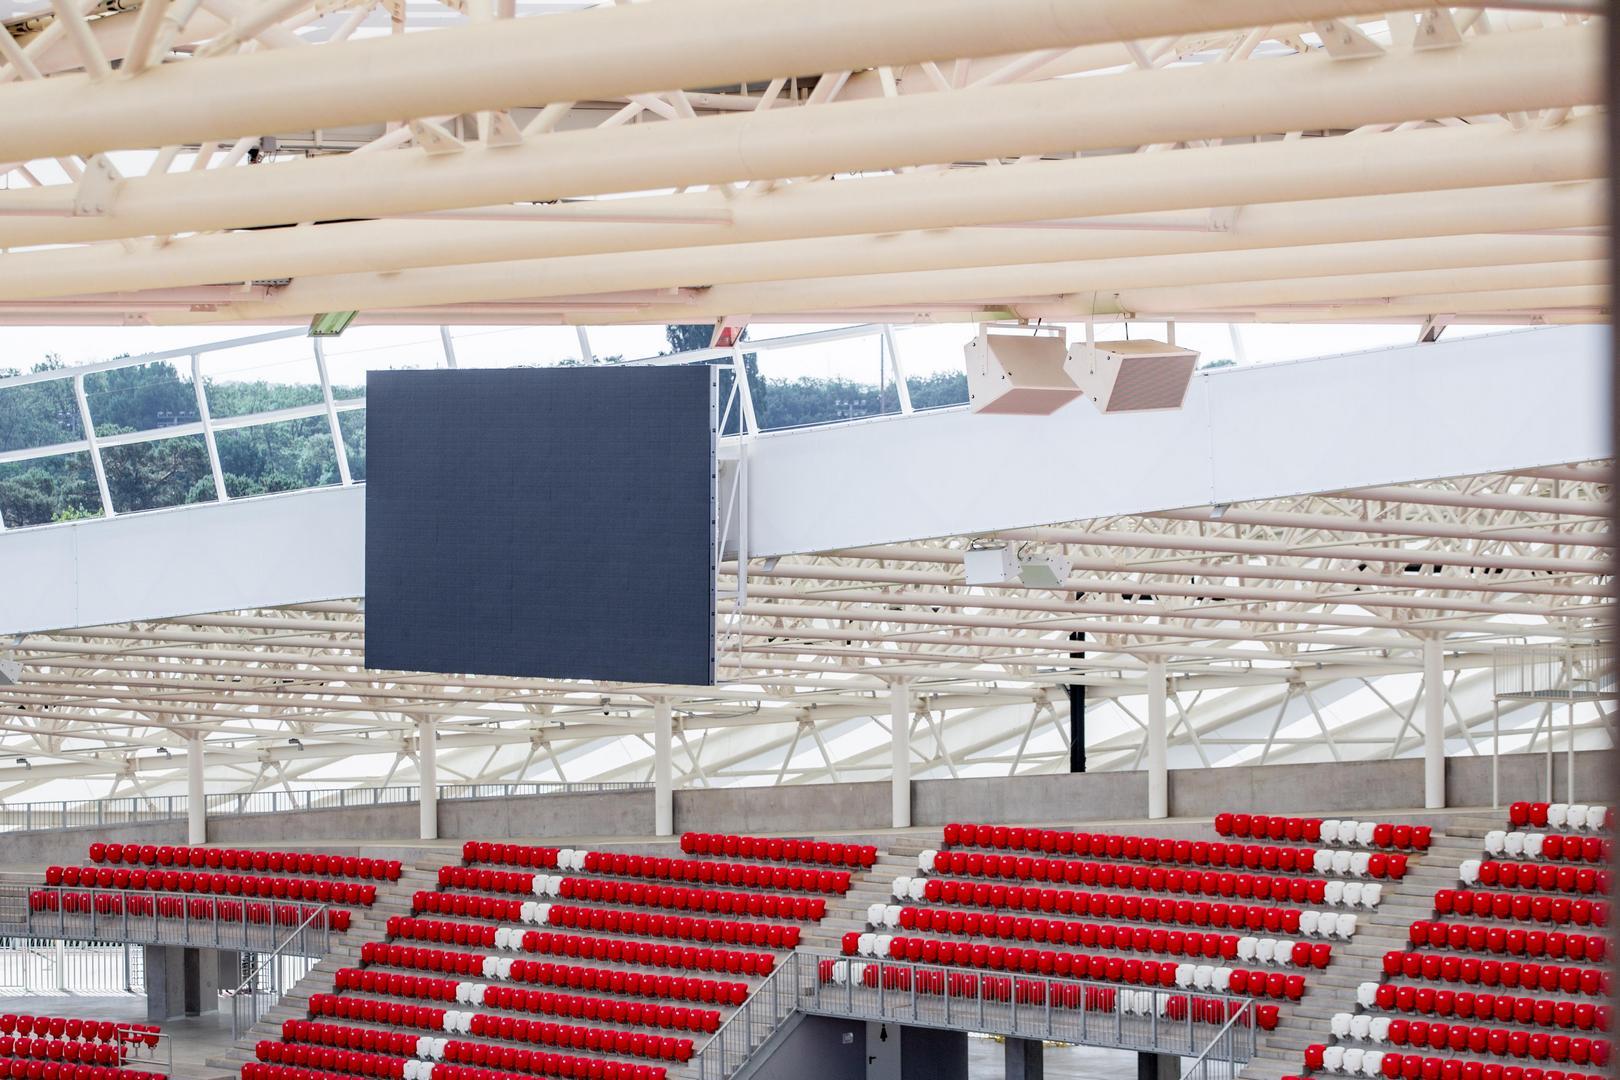 A Nagyerdei Stadion hangszórói és megjelenítője